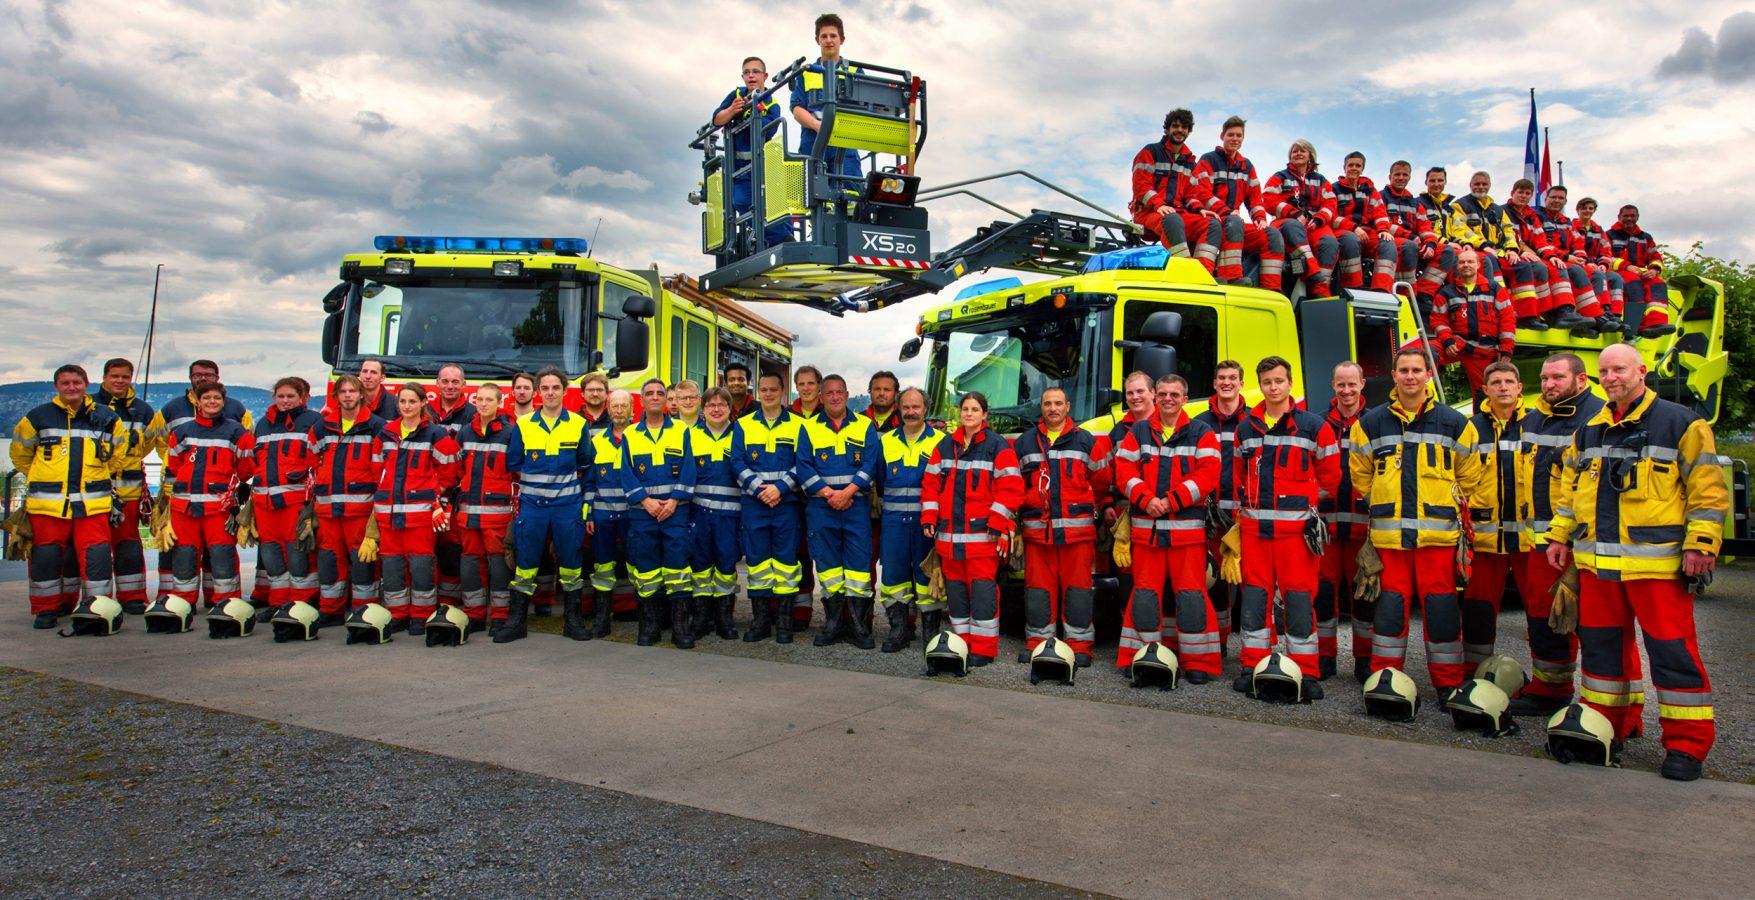 Feuerwehr Kilchberg Rueschlickon Teamfoto